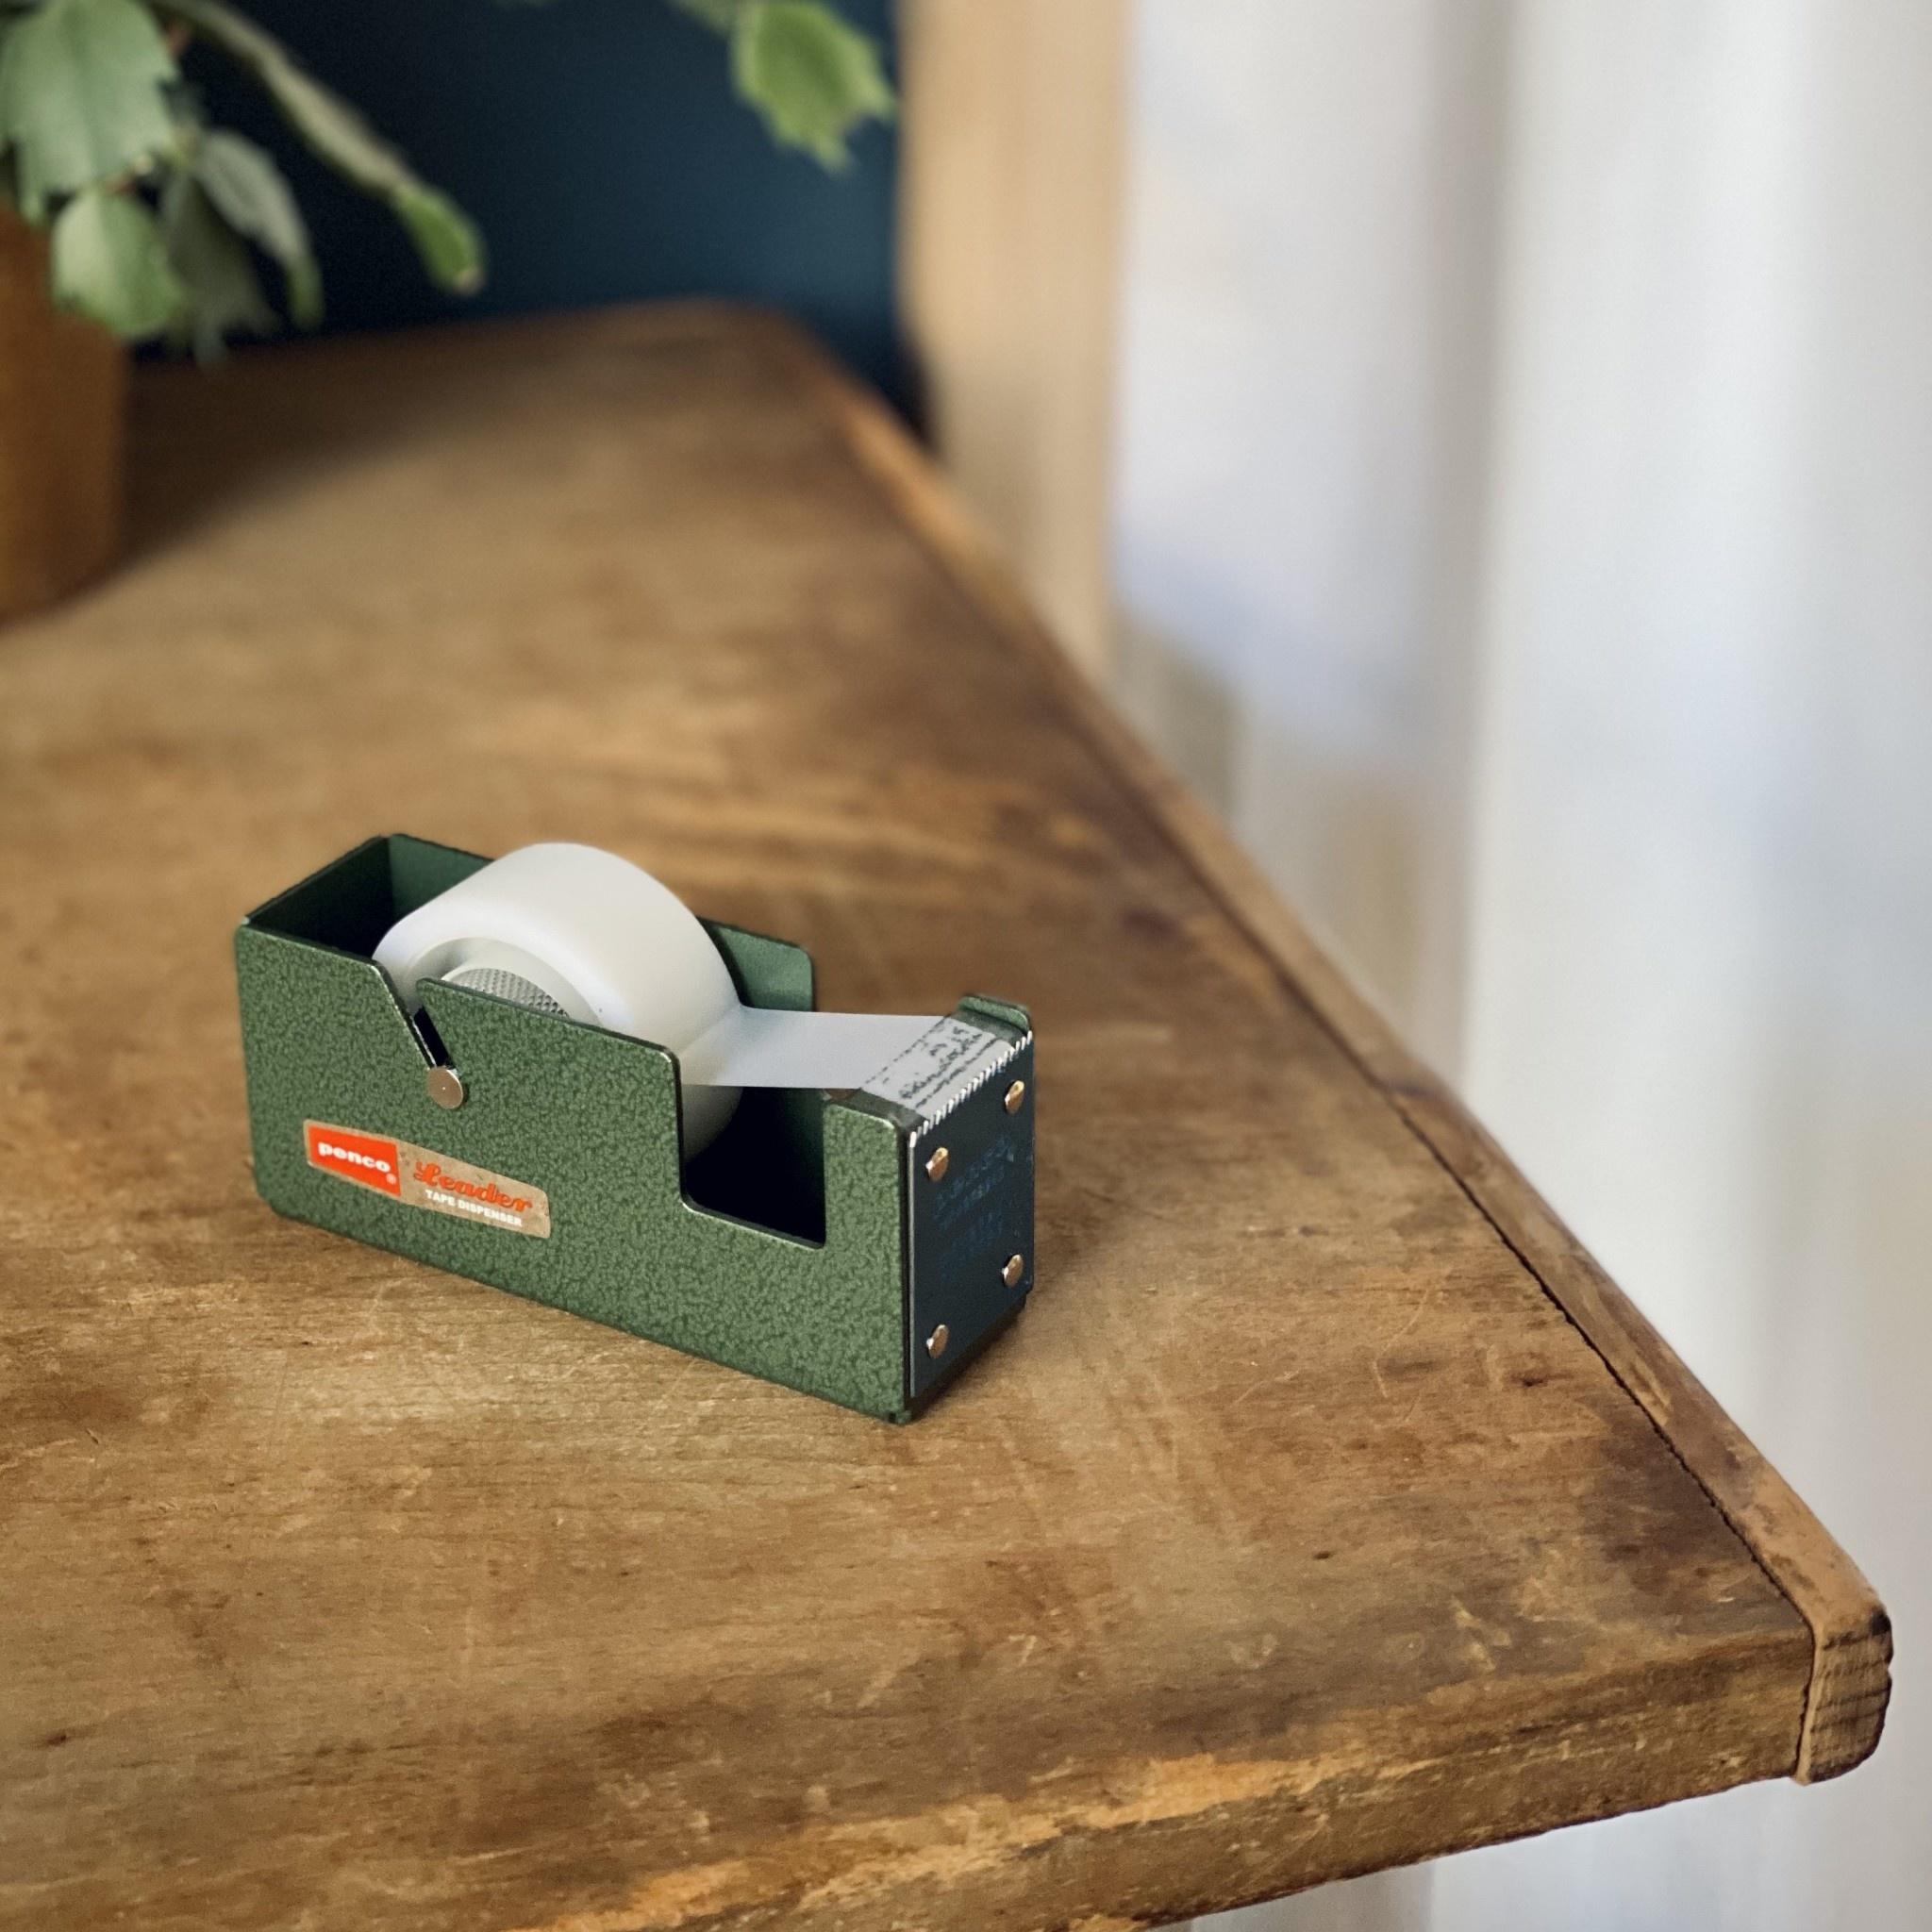 Small Desktop Tape Dispenser - Green